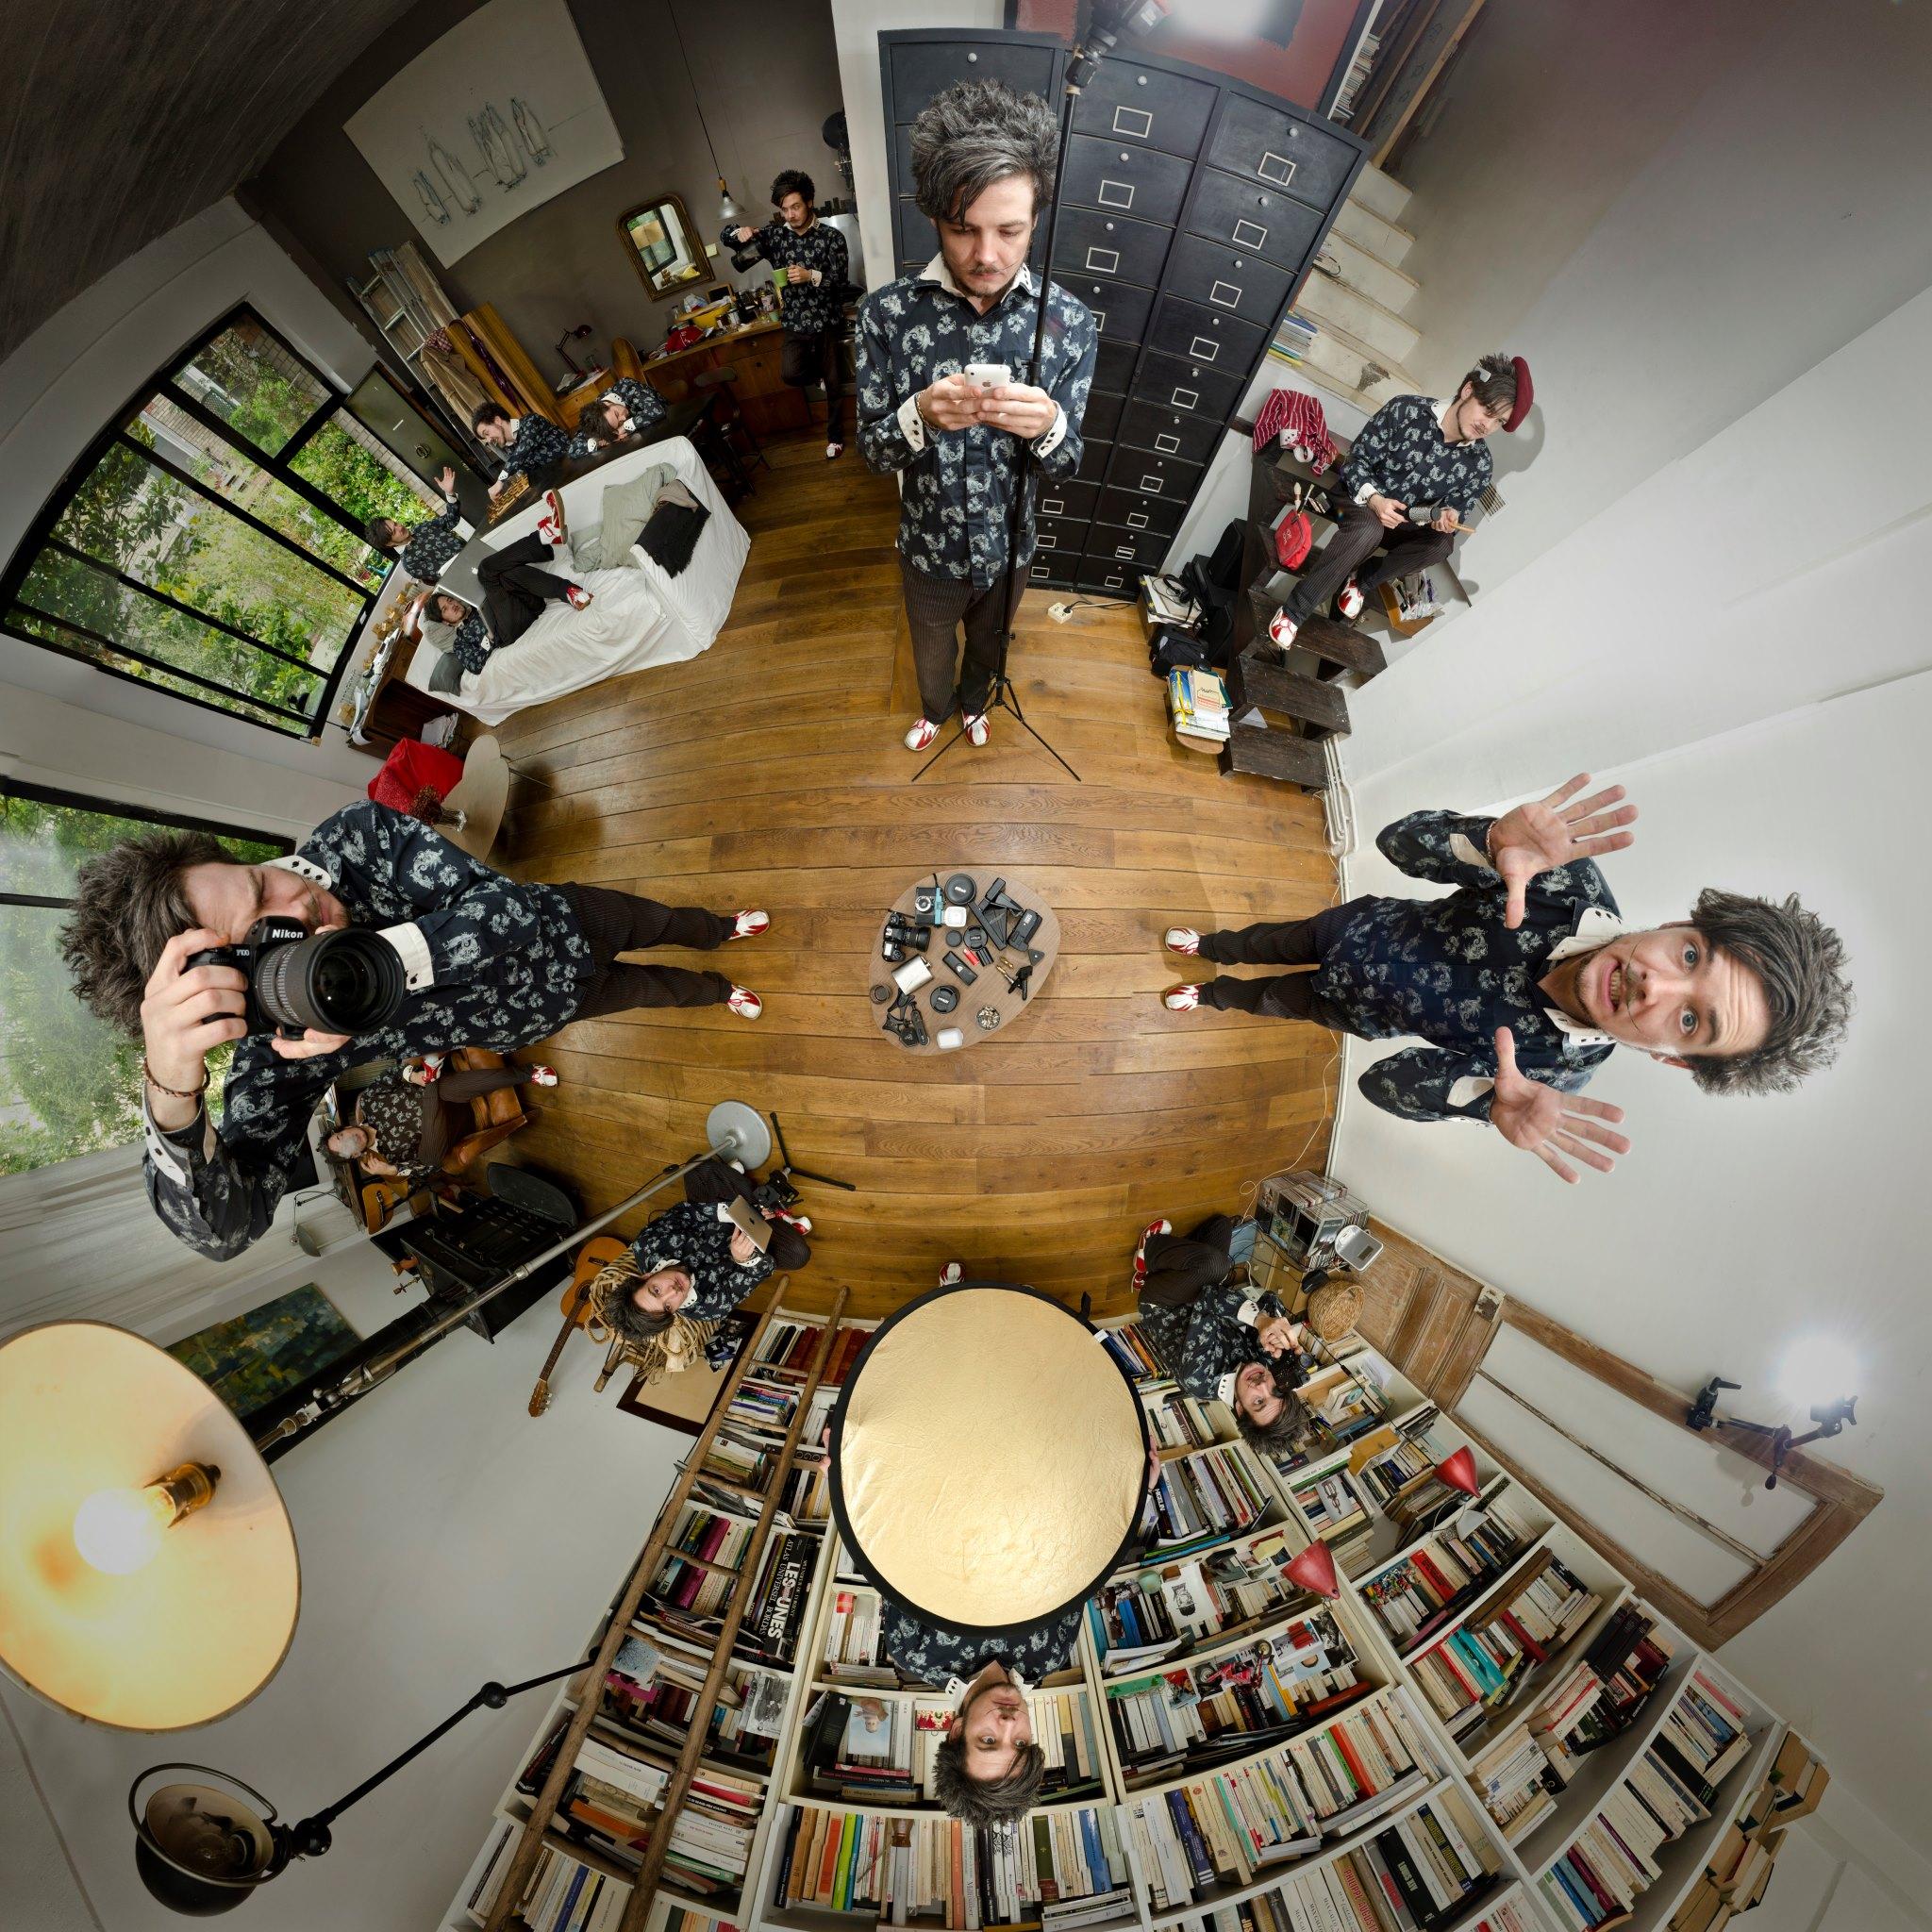 How to take a self portrait  PHOTOGRAPHY: ALEXANDER J.E. BRADLEY • NIKON D7000 • AF-S NIKKOR 14-24MM Ƒ/2.8G ED @ 14MM • Ƒ/8 • 1/125 SEC • ISO 100